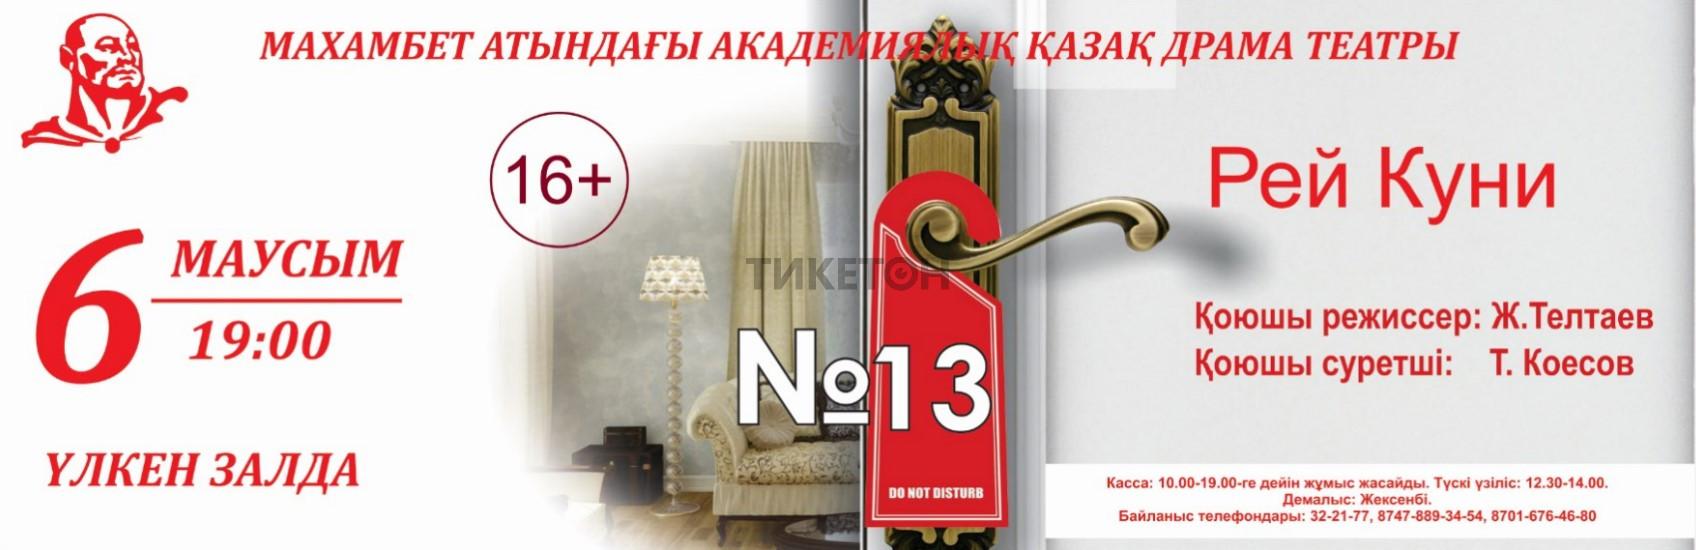 13-teatr-im-makhambeta-v-atyrau